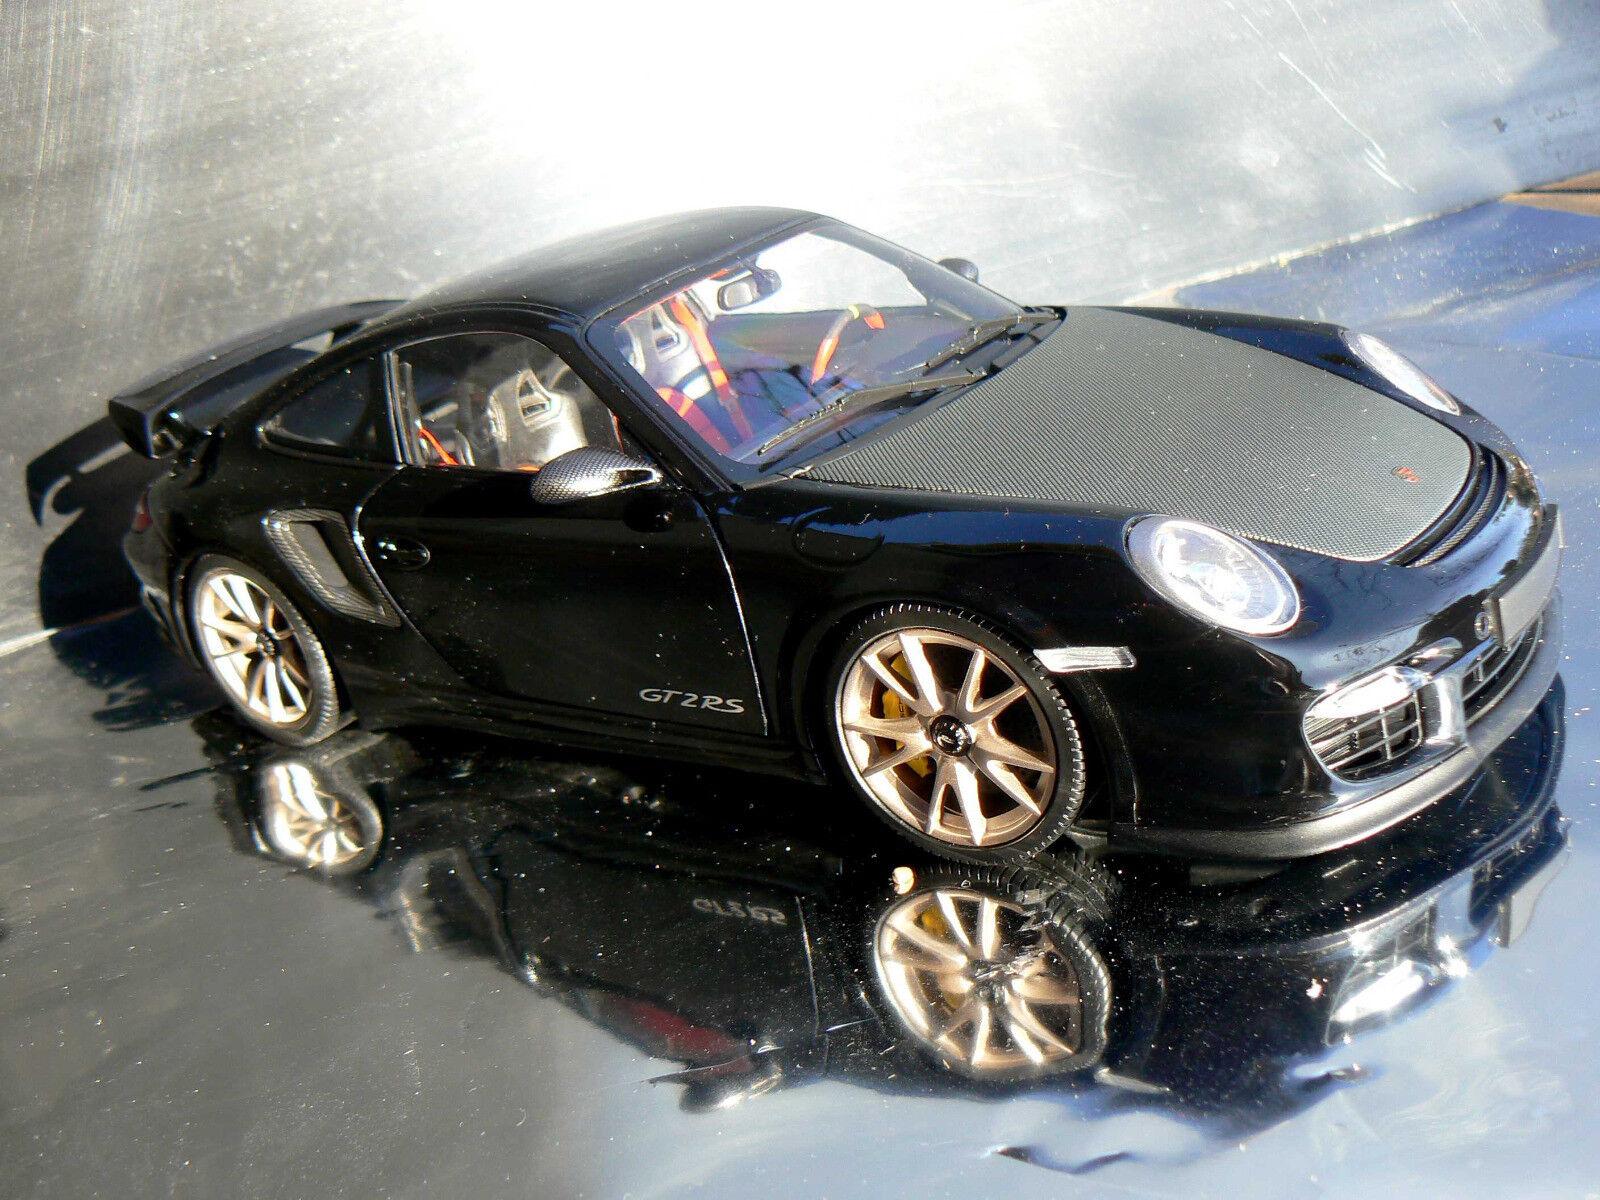 Porsche 911 gt2 rs minichamps 1 18 boxed 504 ex